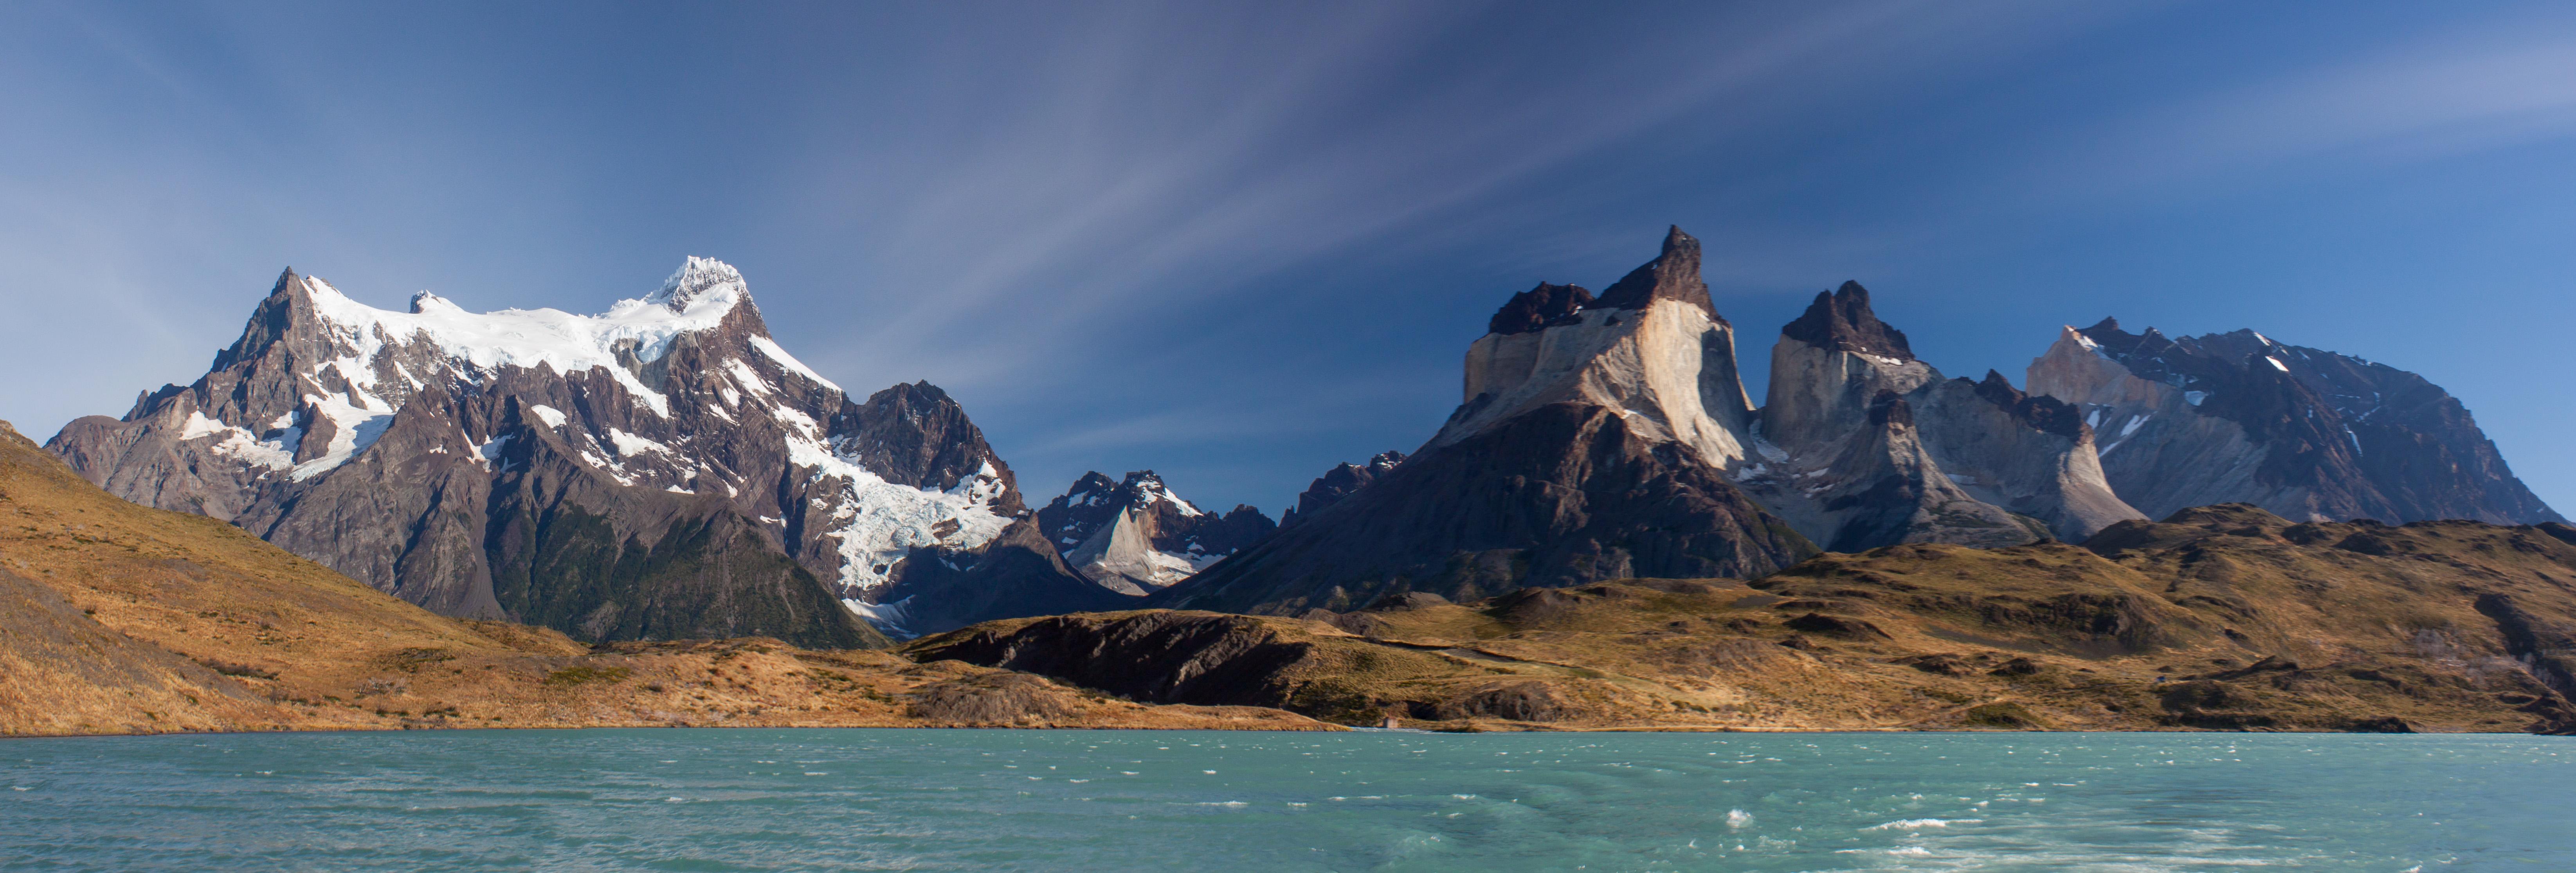 The Cuernos, Torres del Paine.